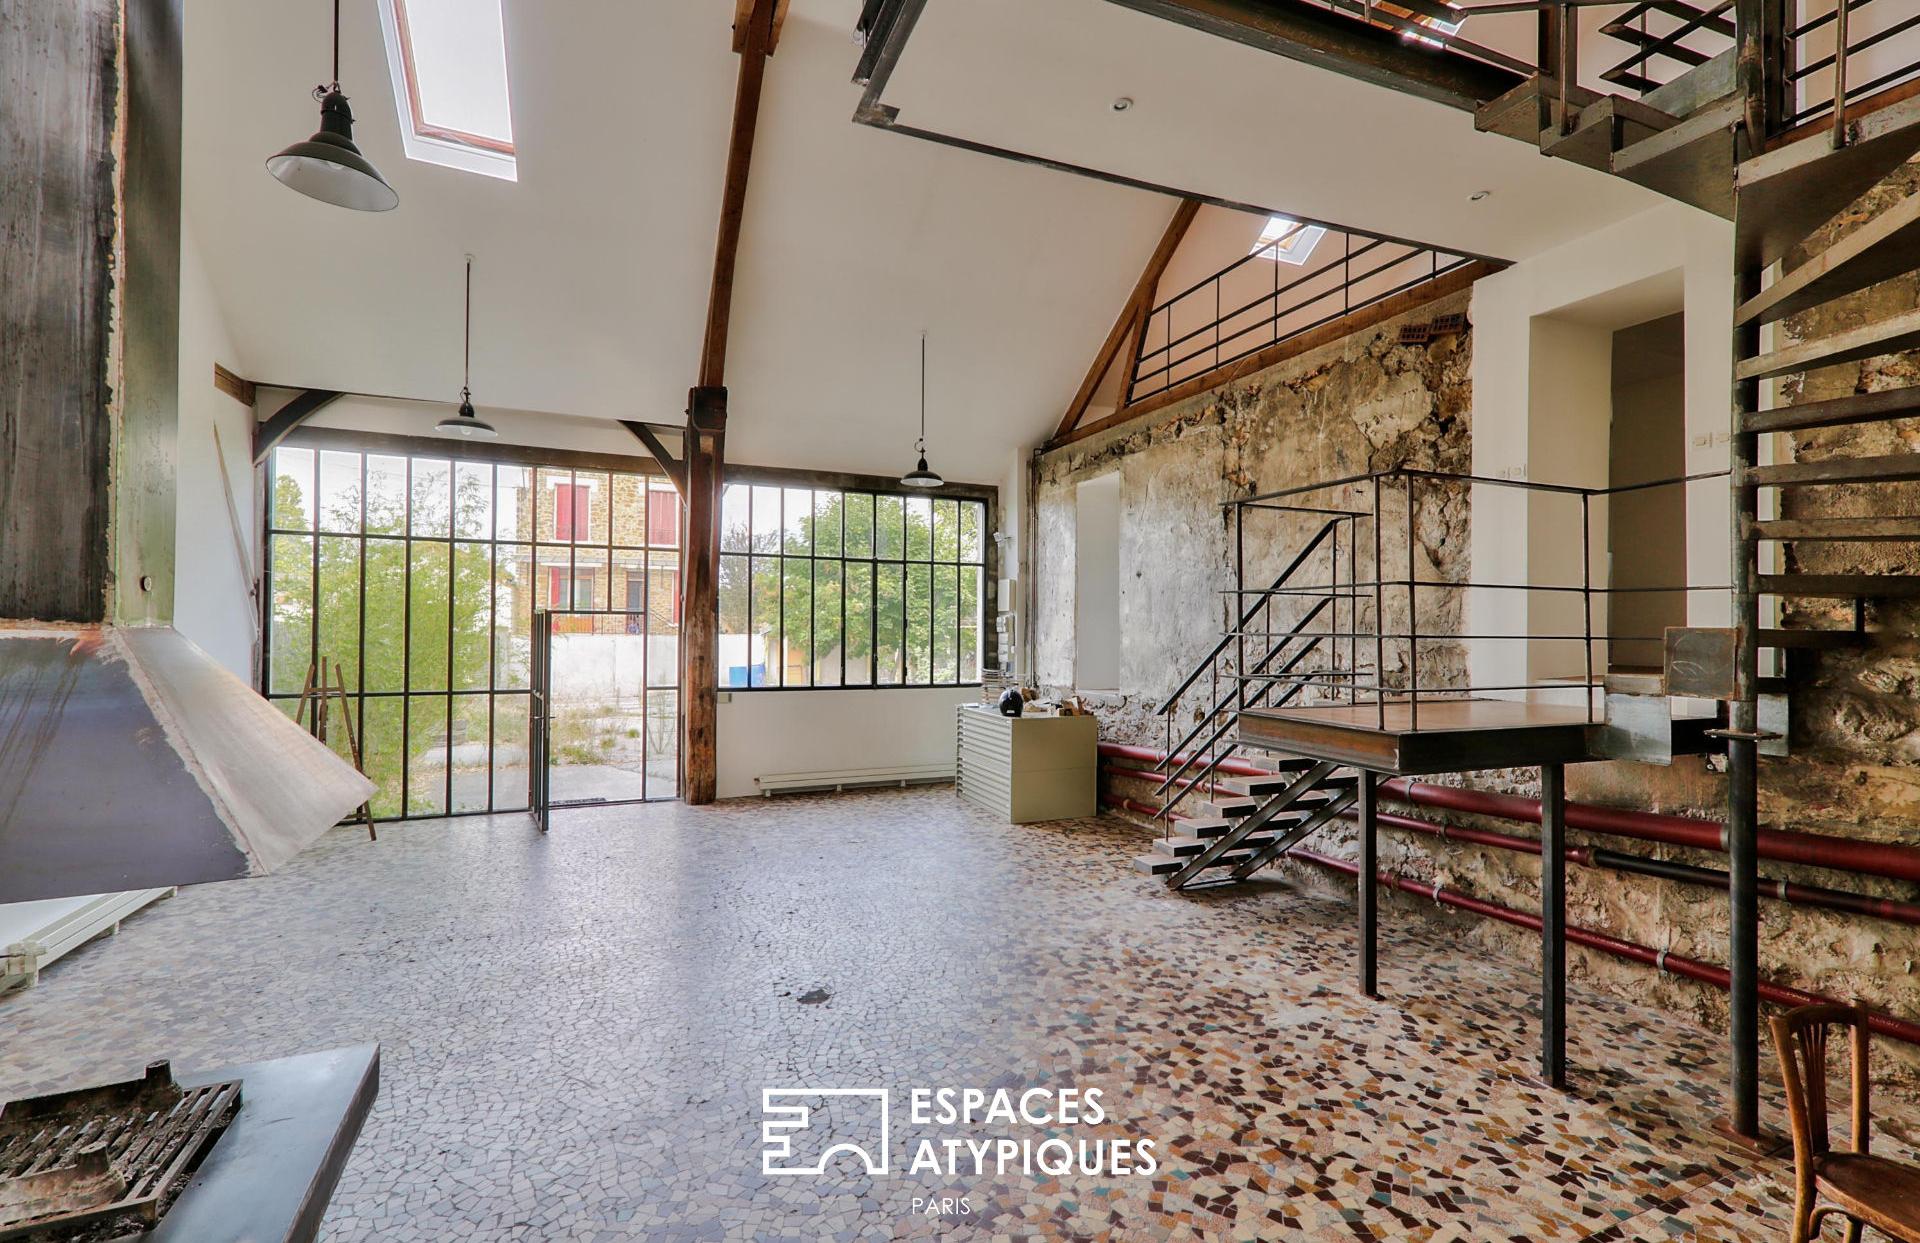 Former shed turned loft, Villeneuve-le-Roi